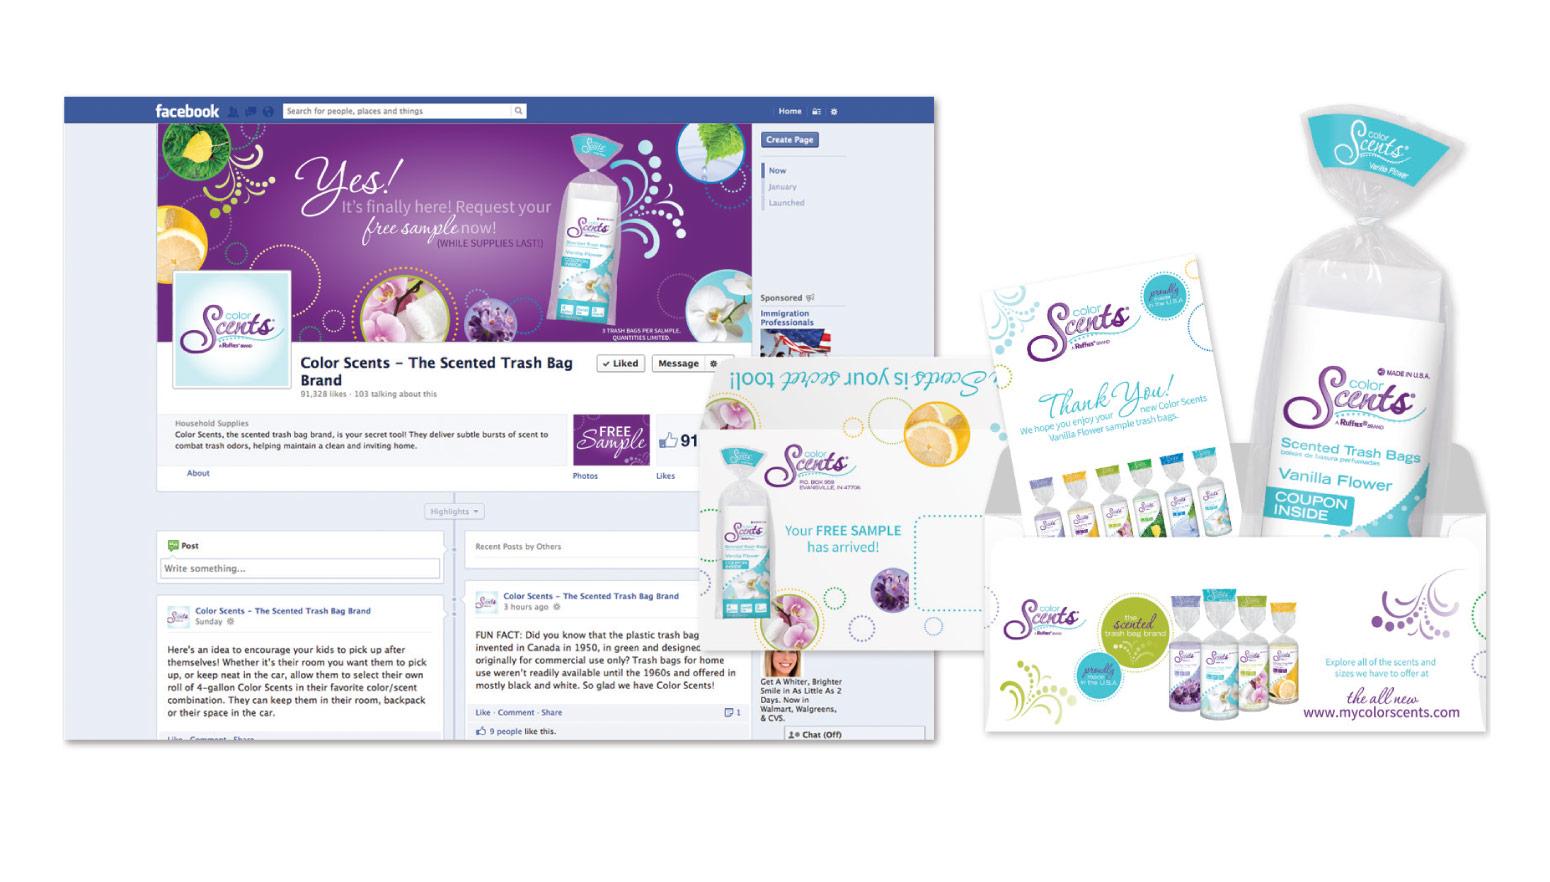 ColorScents - Social Media Campaign